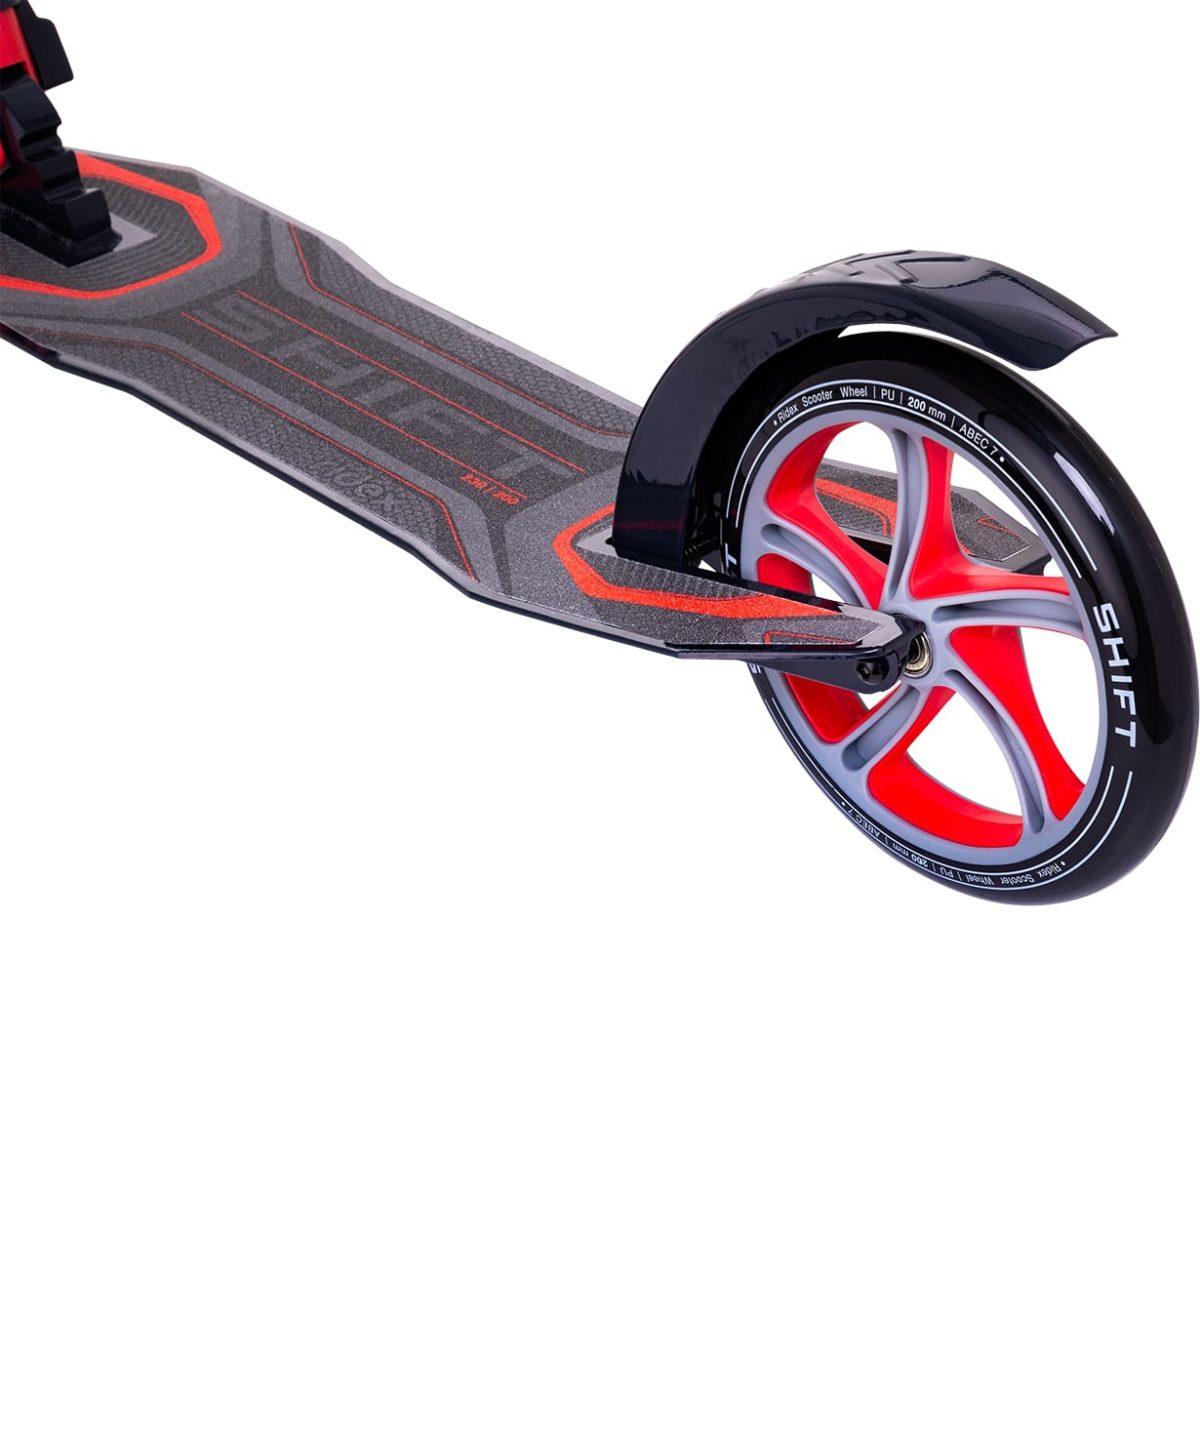 RIDEX Shift Самокат 2-колесный 230/200 мм  Shift: красный - 7